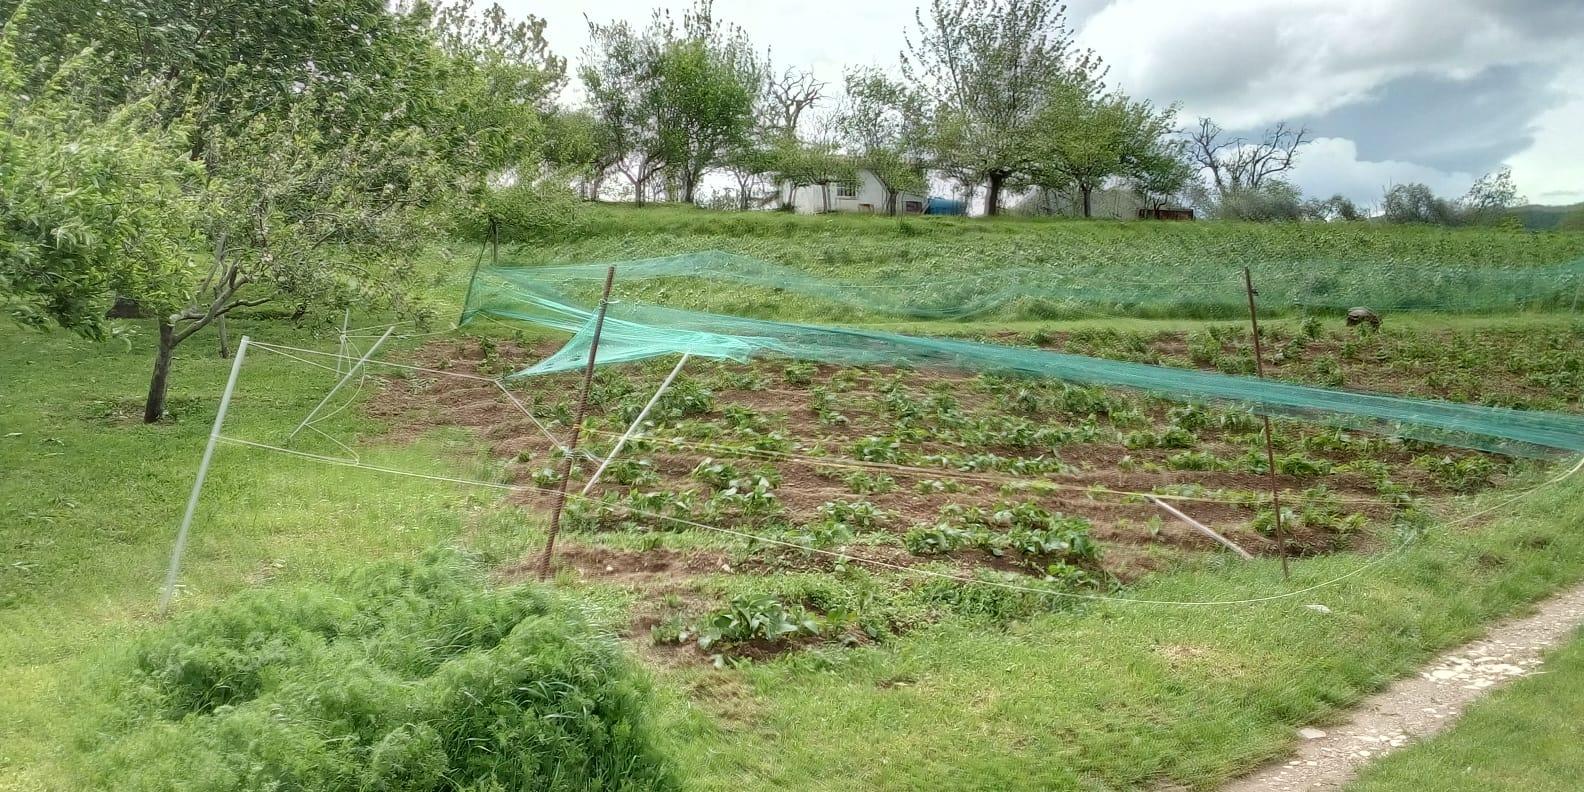 Agricoltura: il maltempo danneggia le produzioni e frena le vendite